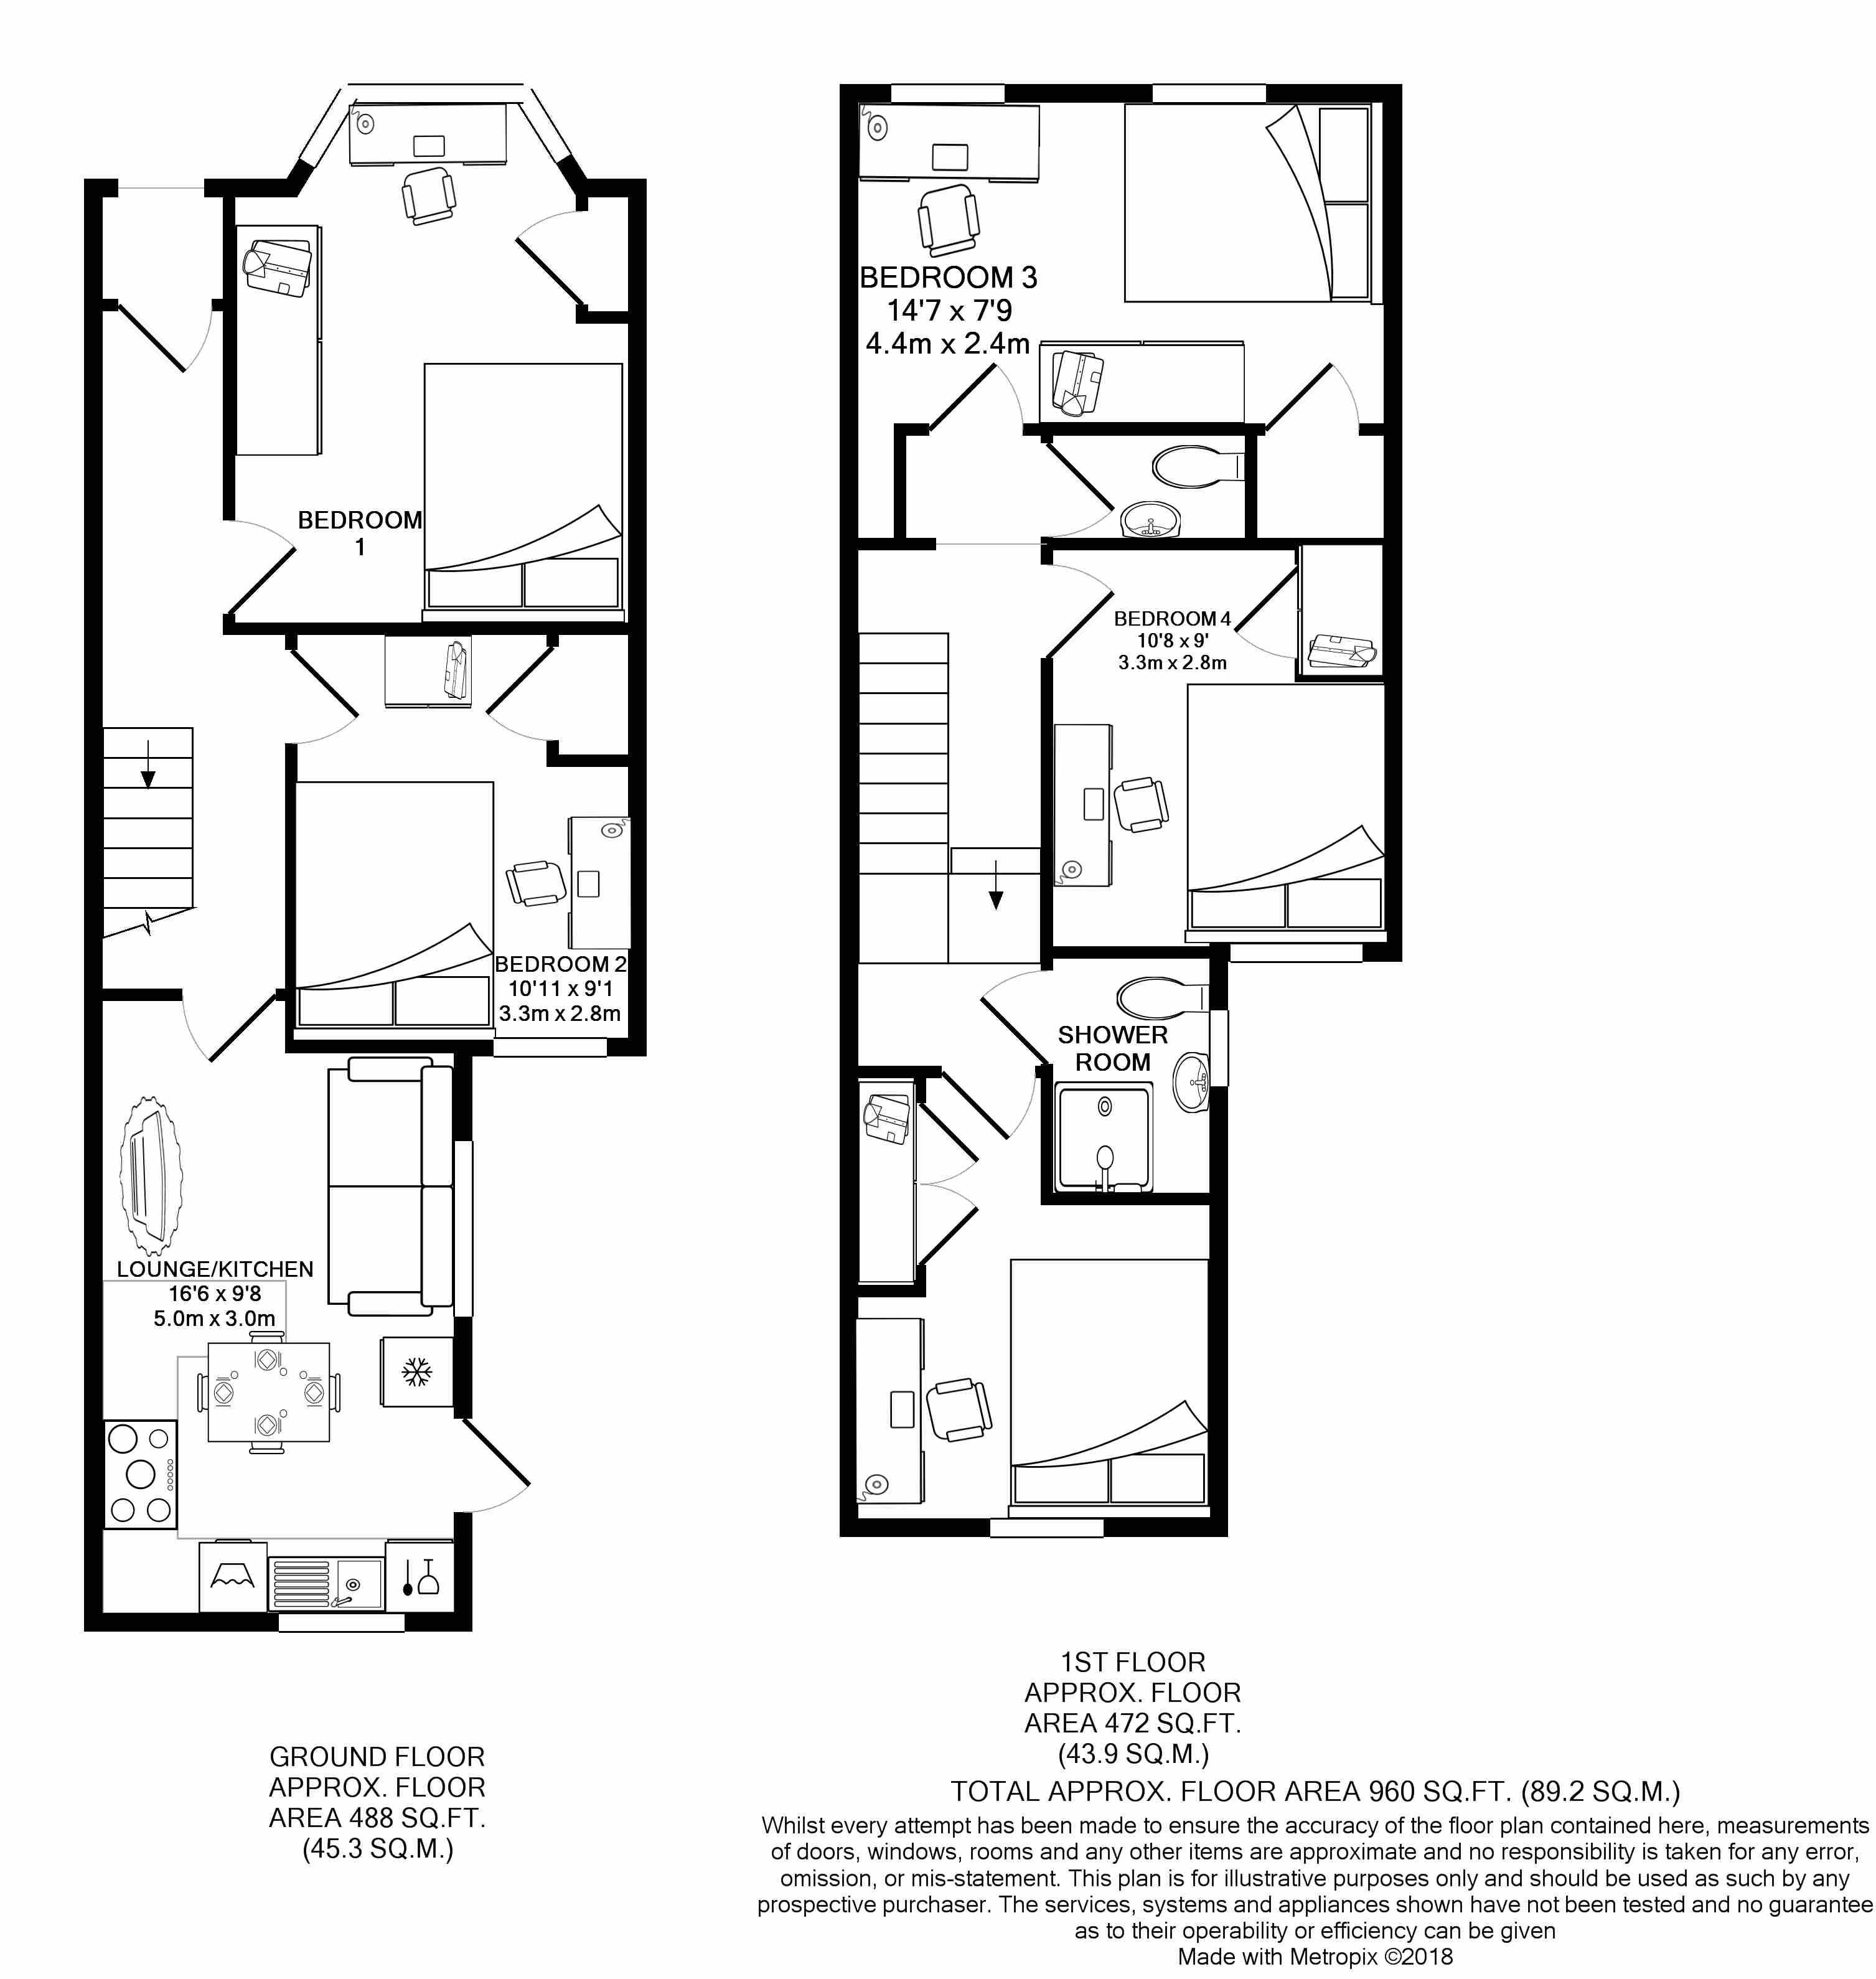 13 Angus Street -Floorplans